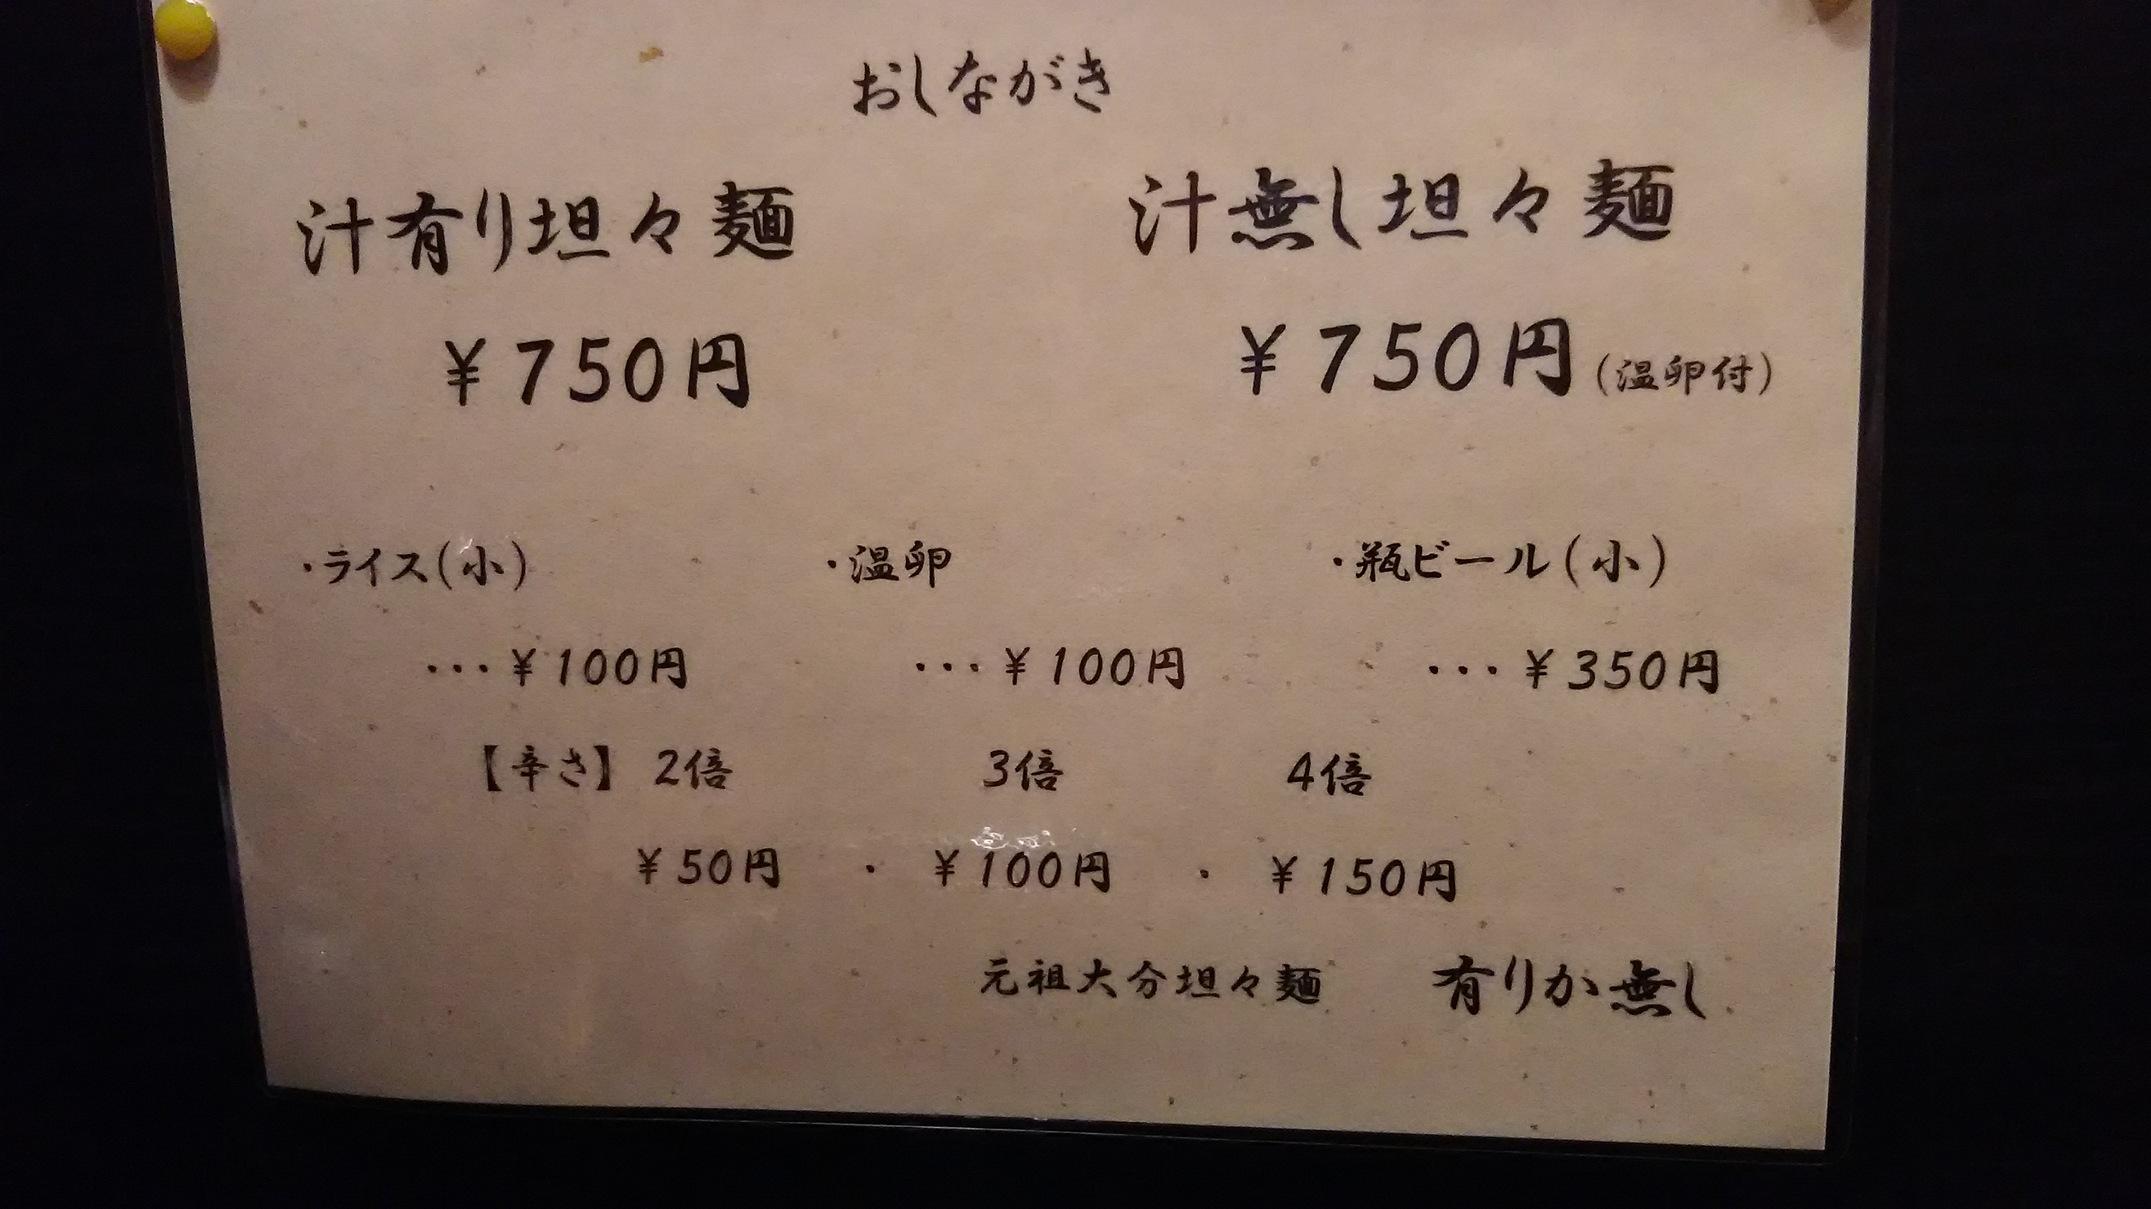 元祖大分担々麺 有りか無し!